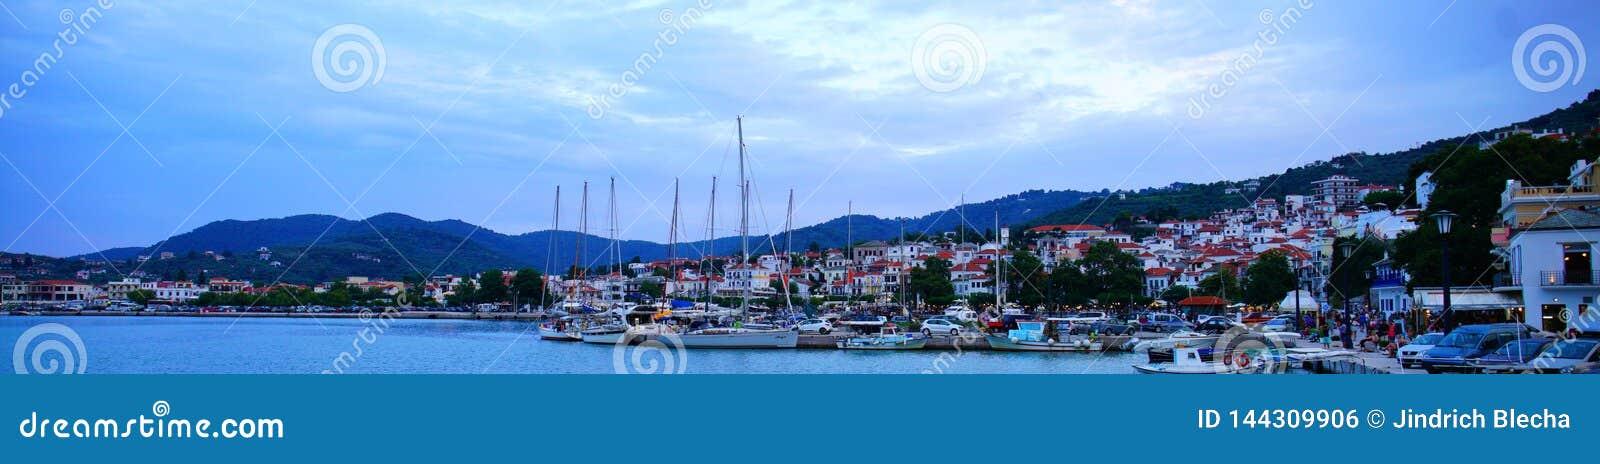 Griekenland, Stad Scopelos bij zonsopgang